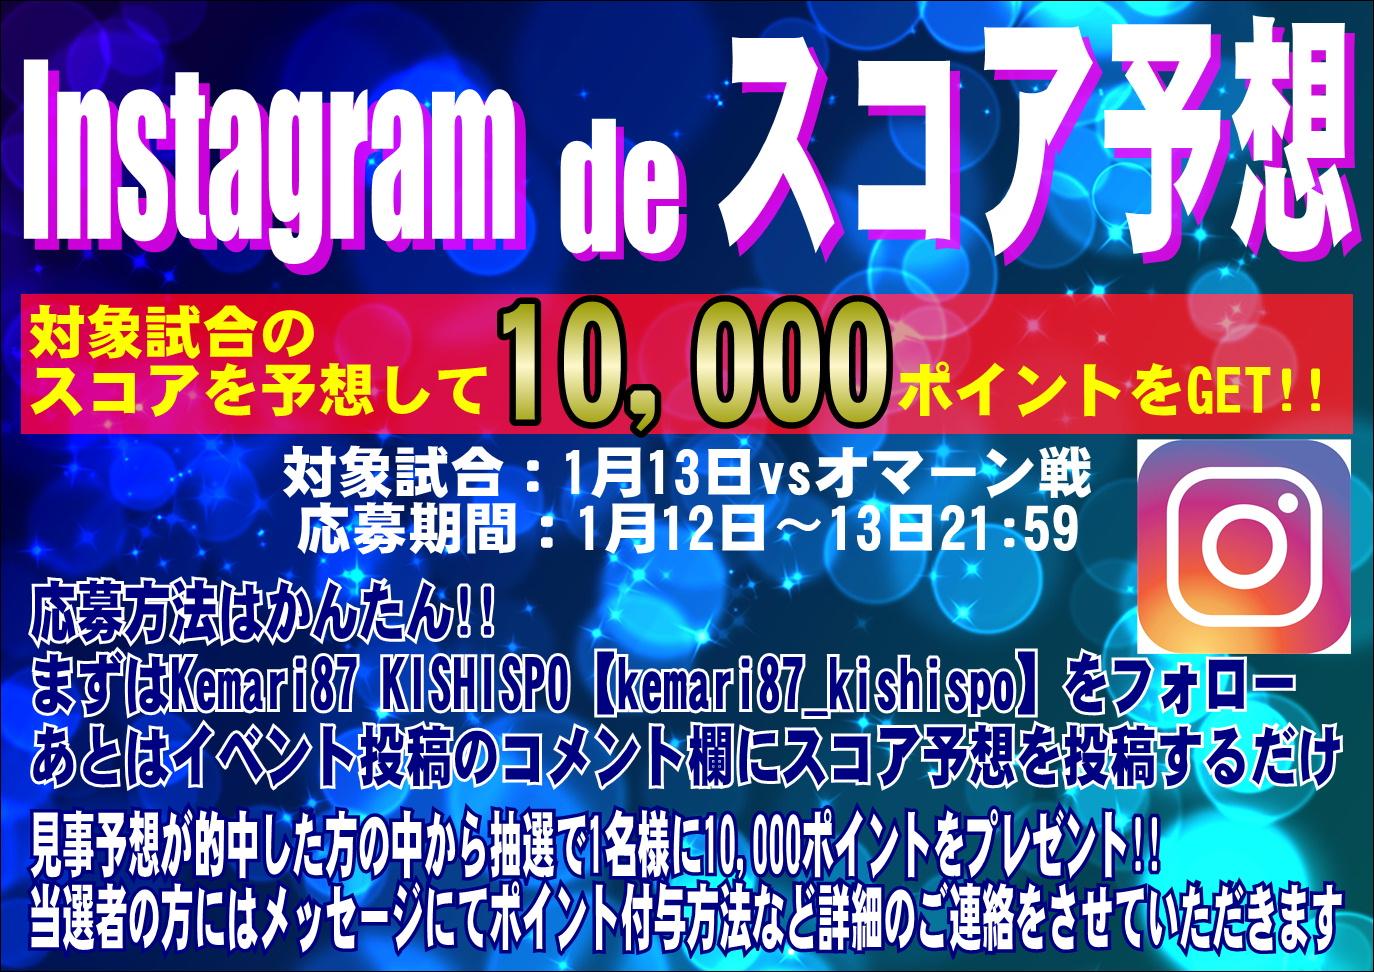 【 instagram de スコア予想イベント 】